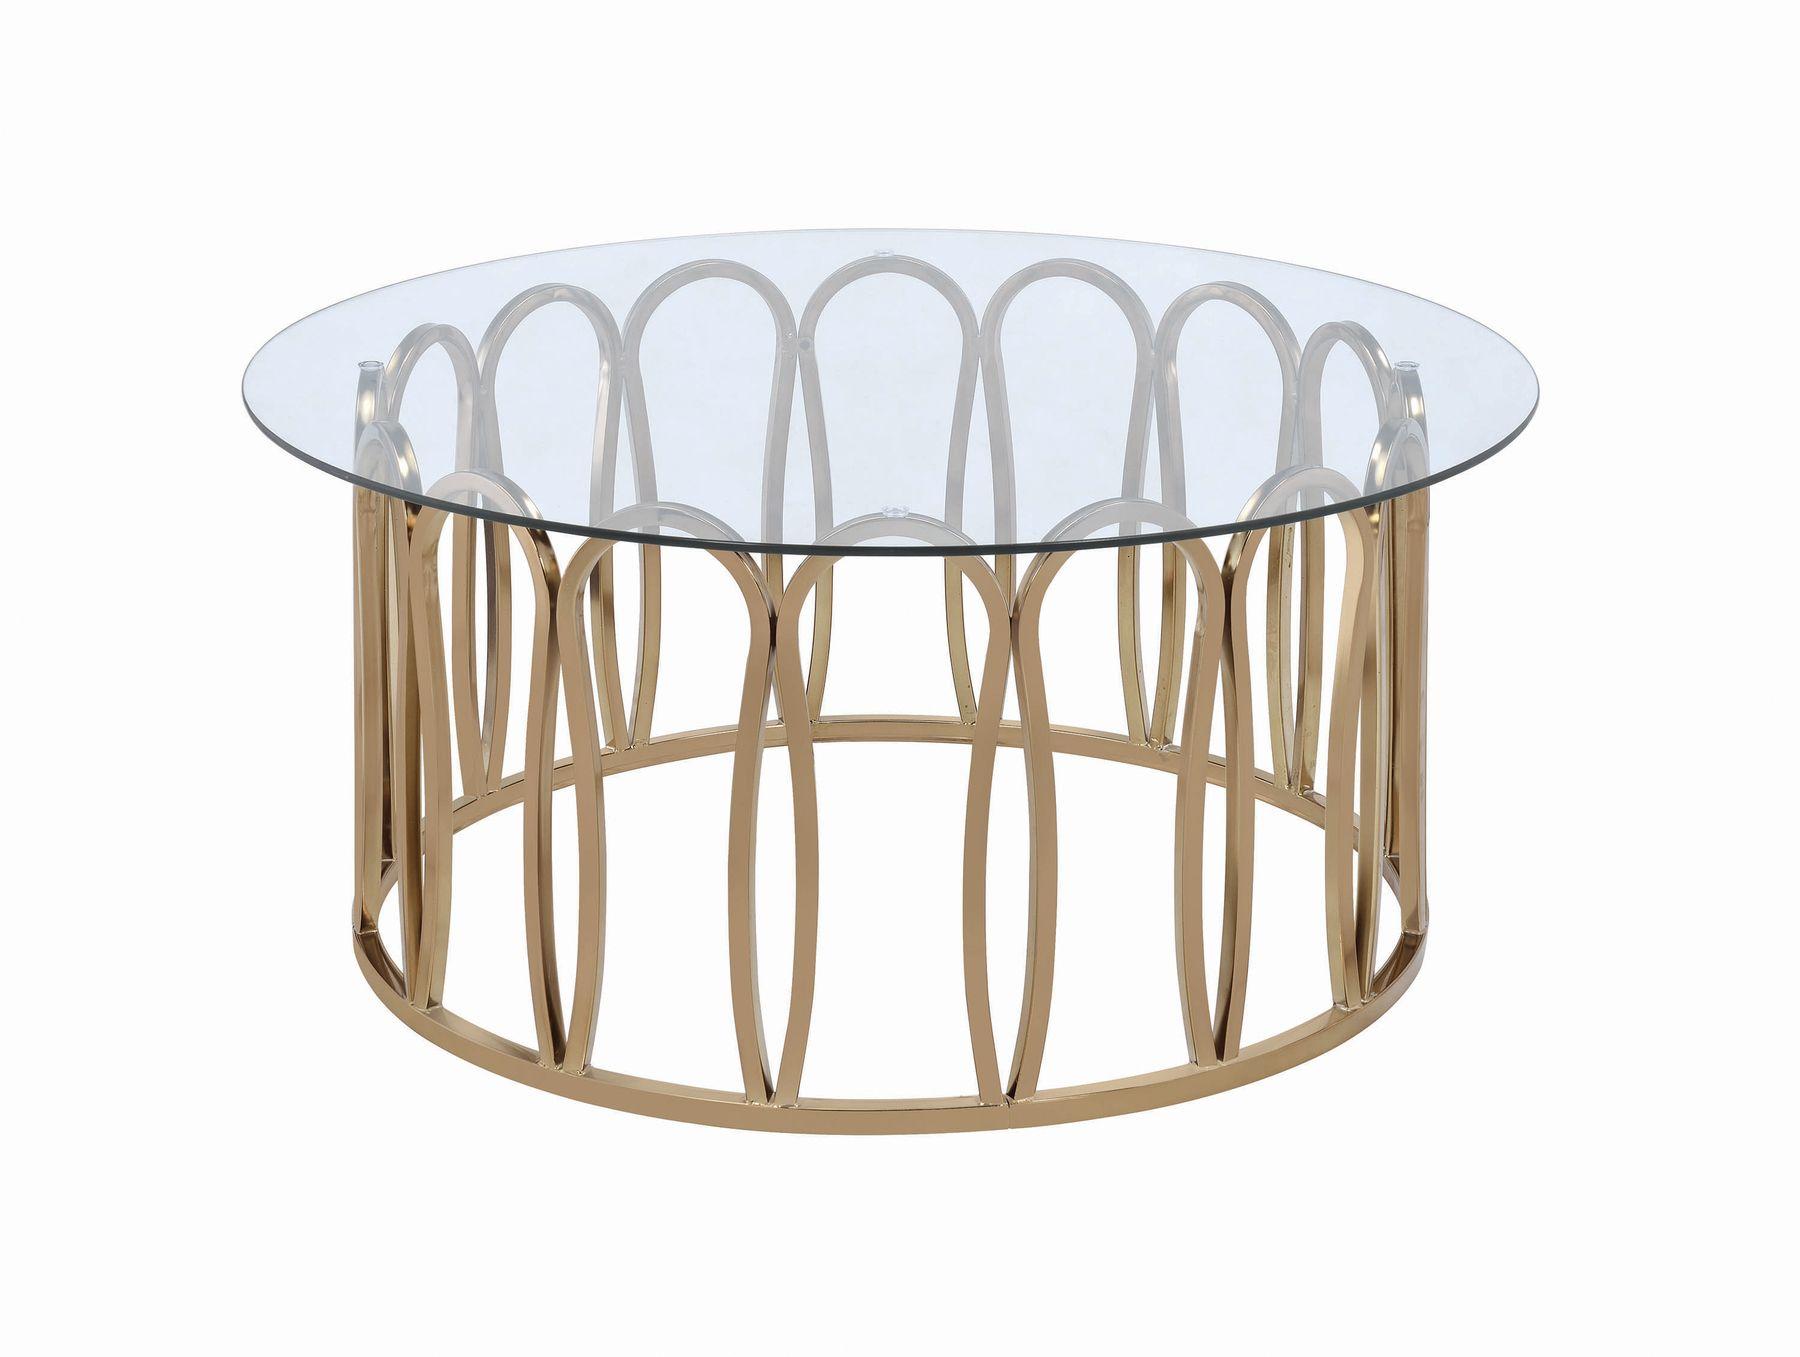 Cs058 Coffee Table 708058 Coaster Furniture Coffee Tables Coffee Table Round Coffee Table Round Glass Coffee Table [ 1357 x 1800 Pixel ]